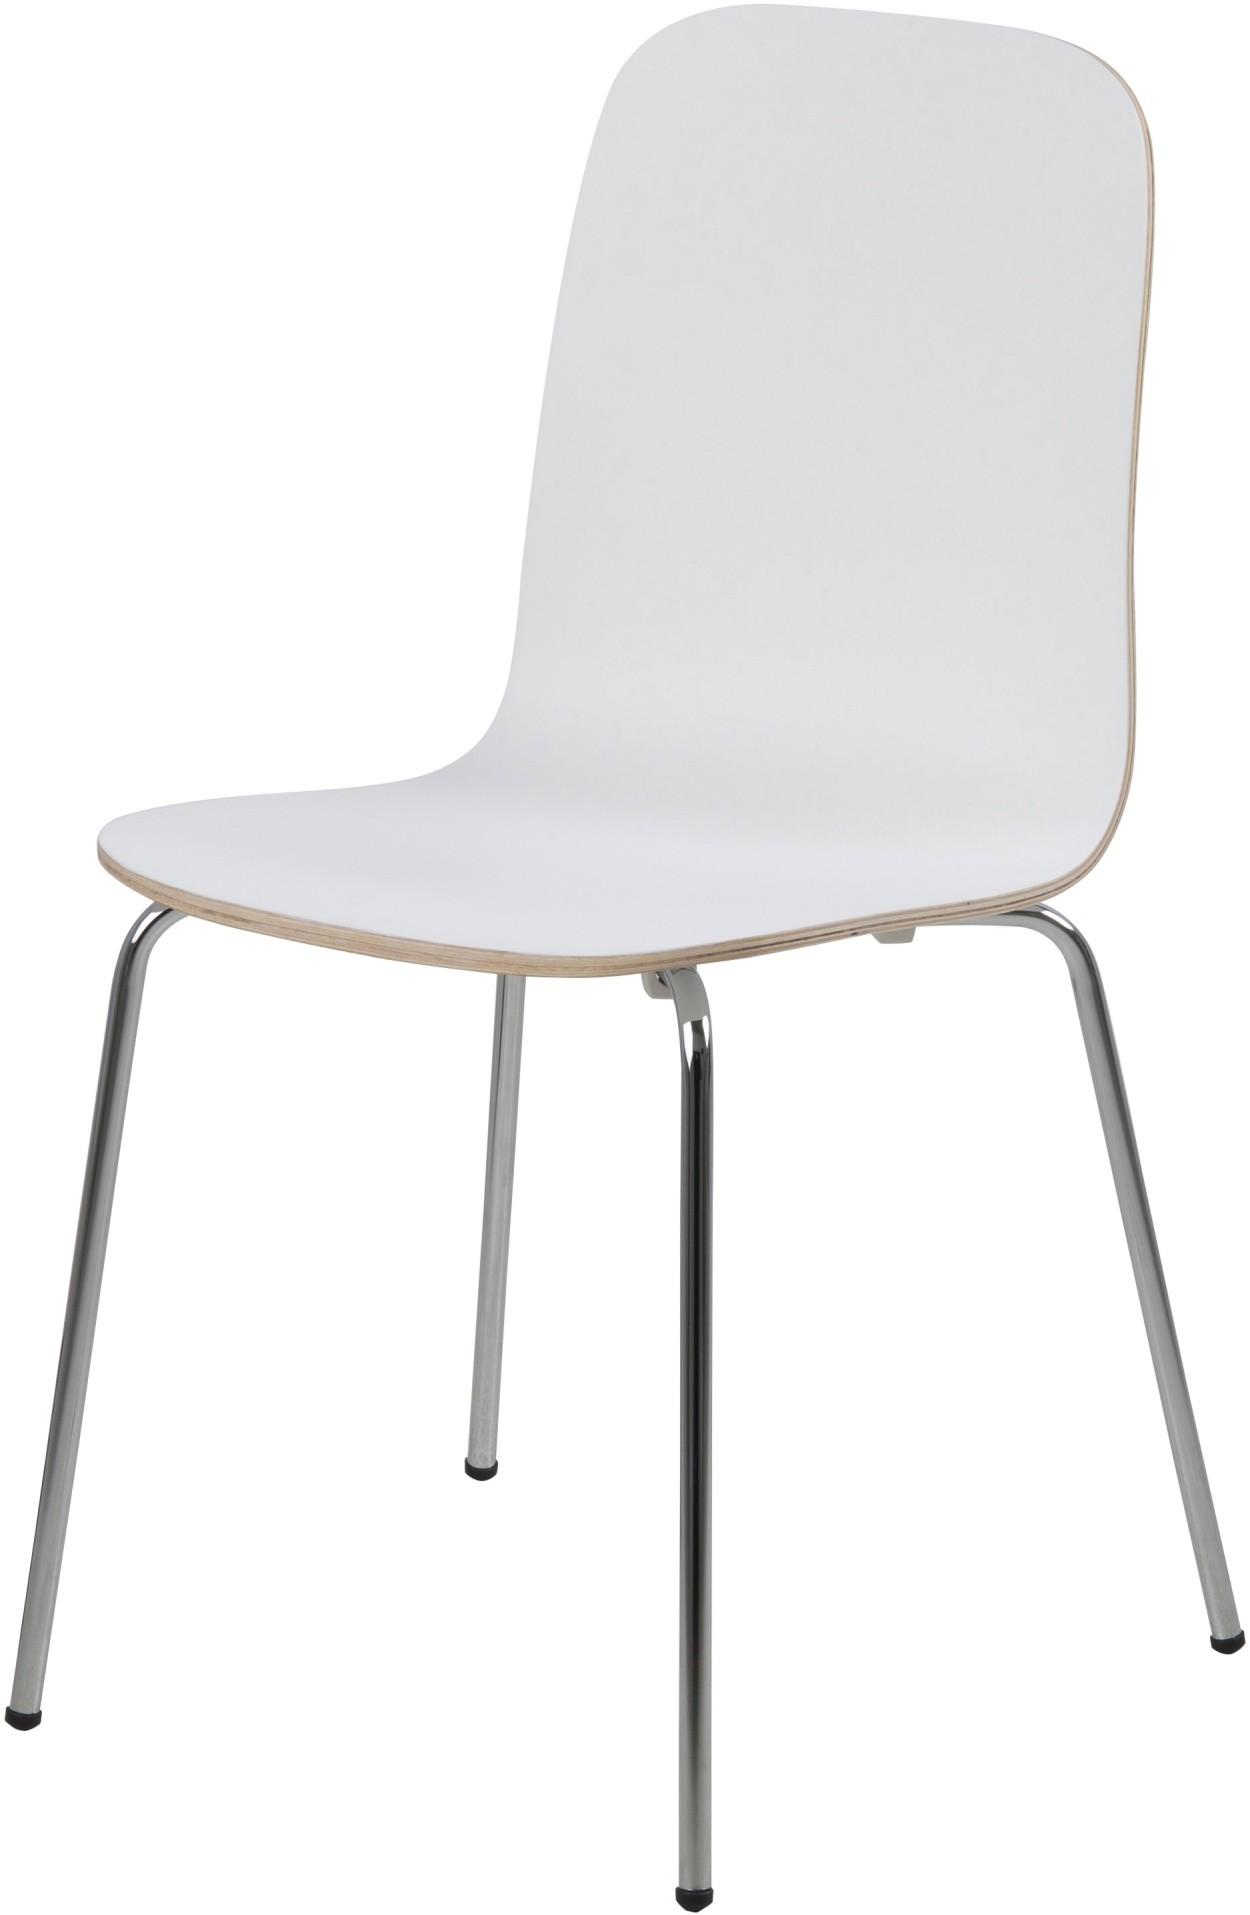 24designs design stoelen kopen online internetwinkel for Design 24 stoelen